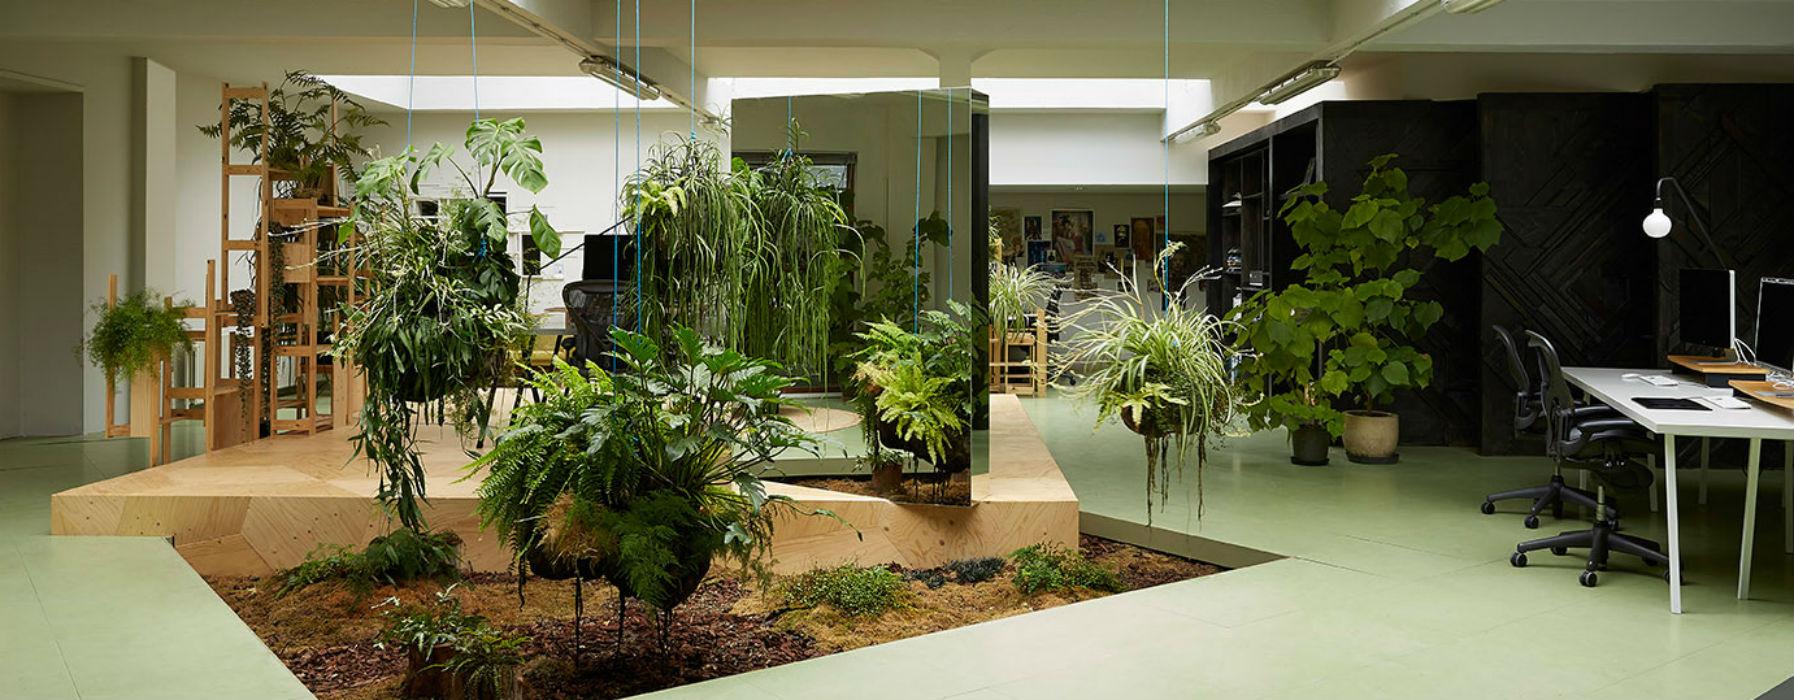 Piante da ufficio progettazione e manutenzione giardini for Piante e giardini